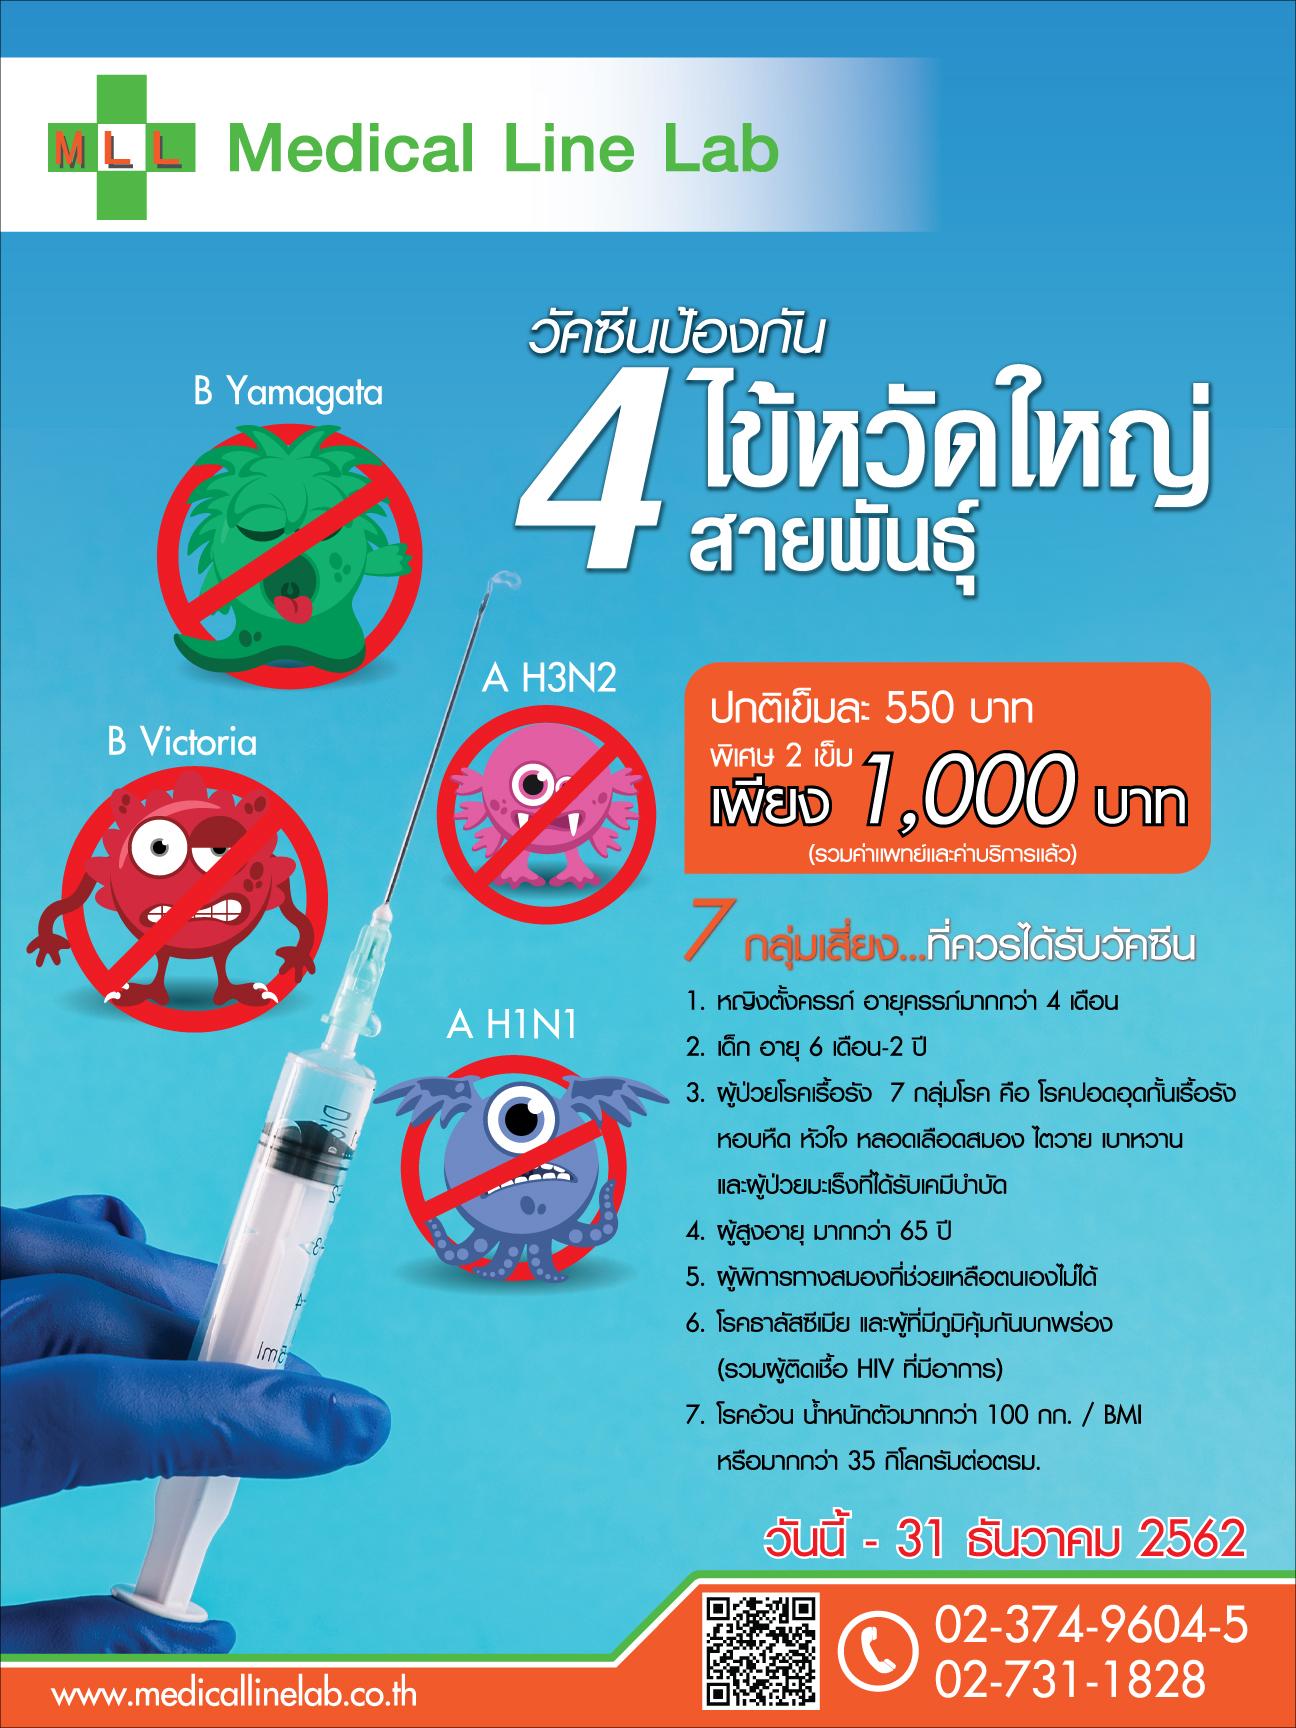 วัคซีนป้องกันไข้หวัดใหญ่